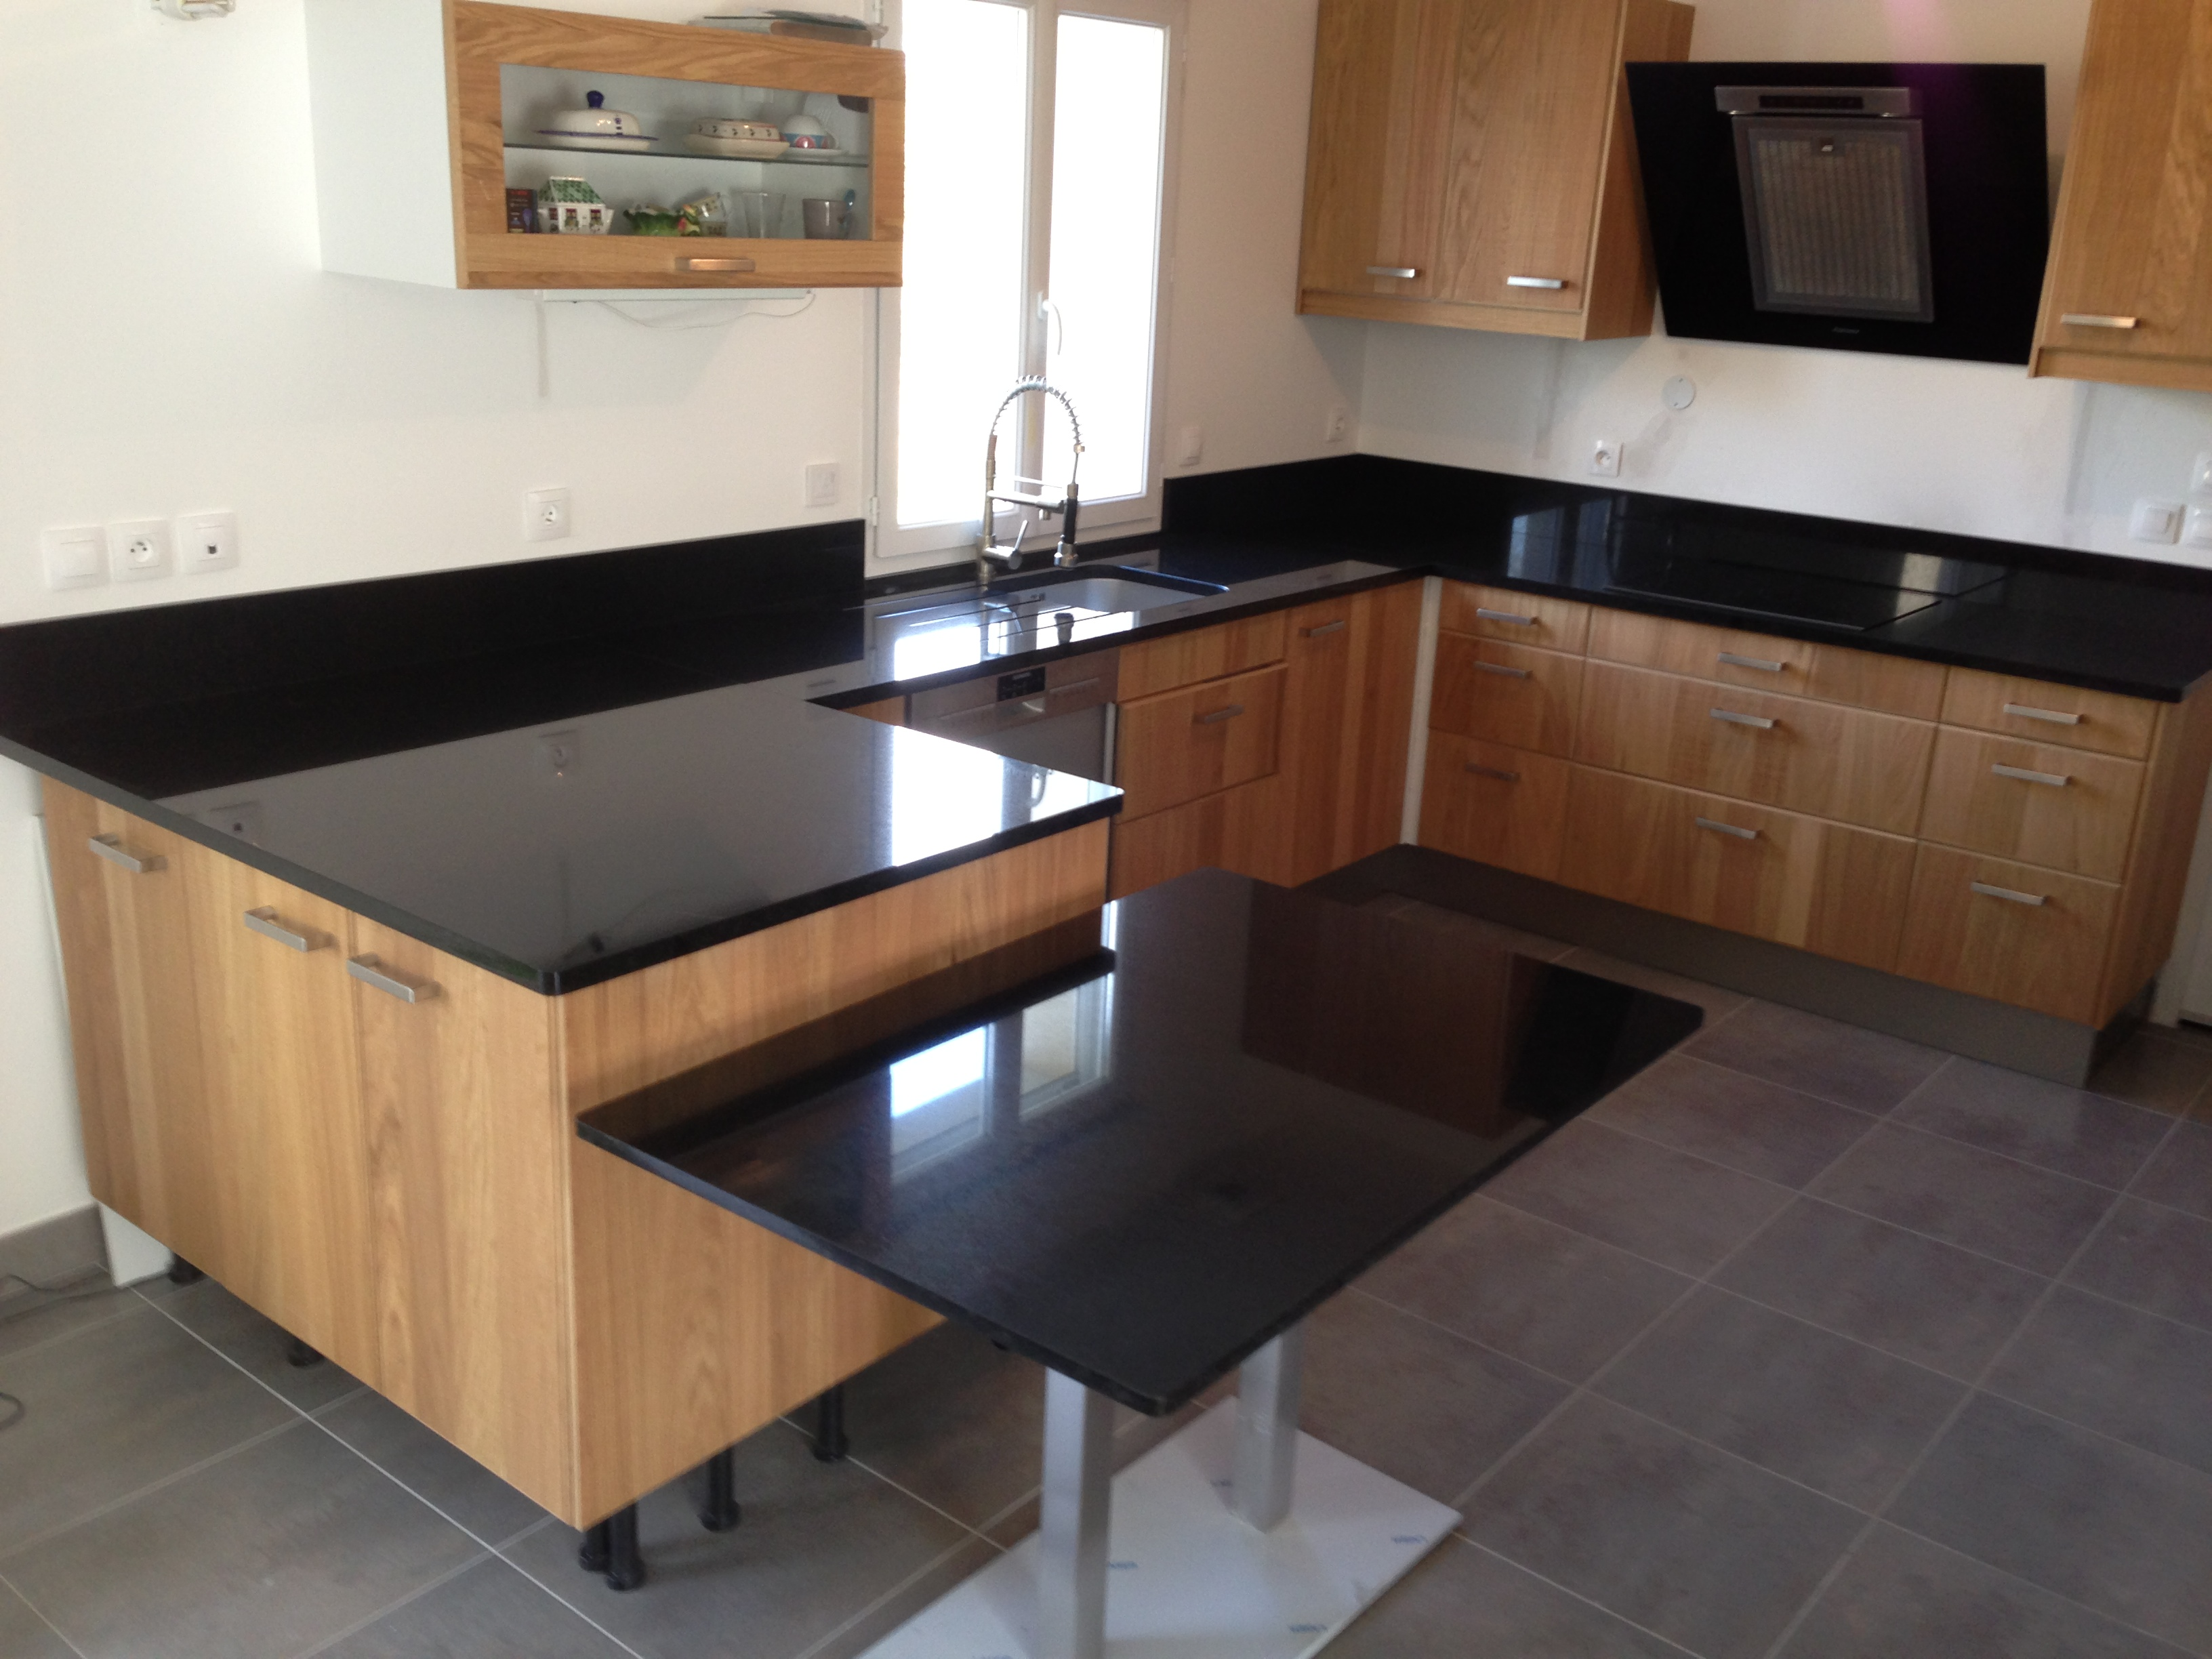 plan de travail granit quartz table en mabre paris essonne cuisine granit noir zimbabwe. Black Bedroom Furniture Sets. Home Design Ideas